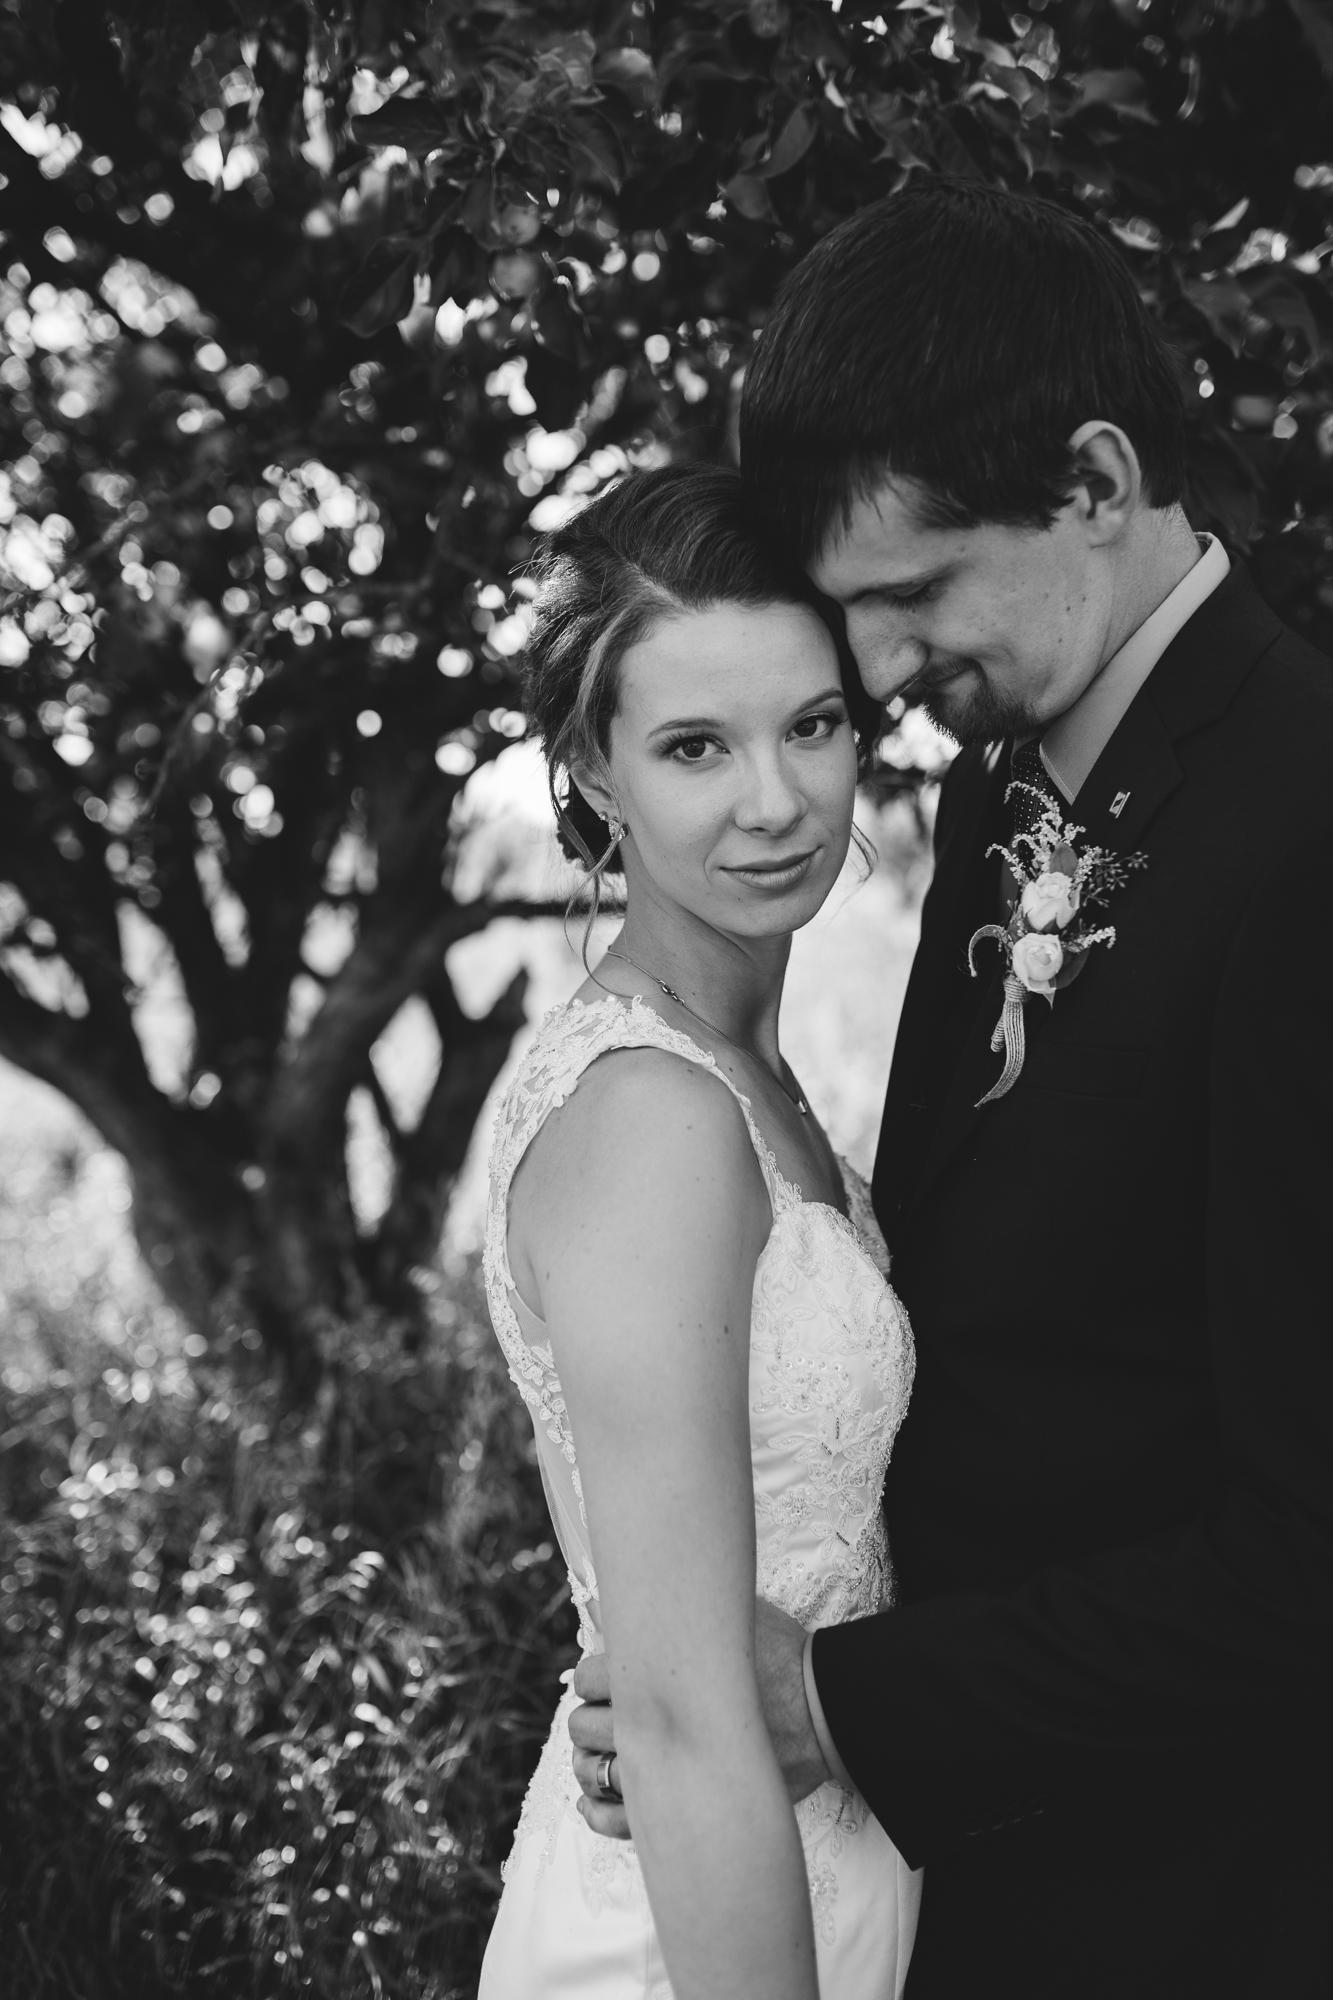 Deanna-Rachel-Photography-calgary-Wedding-photographer-jm-53.jpg